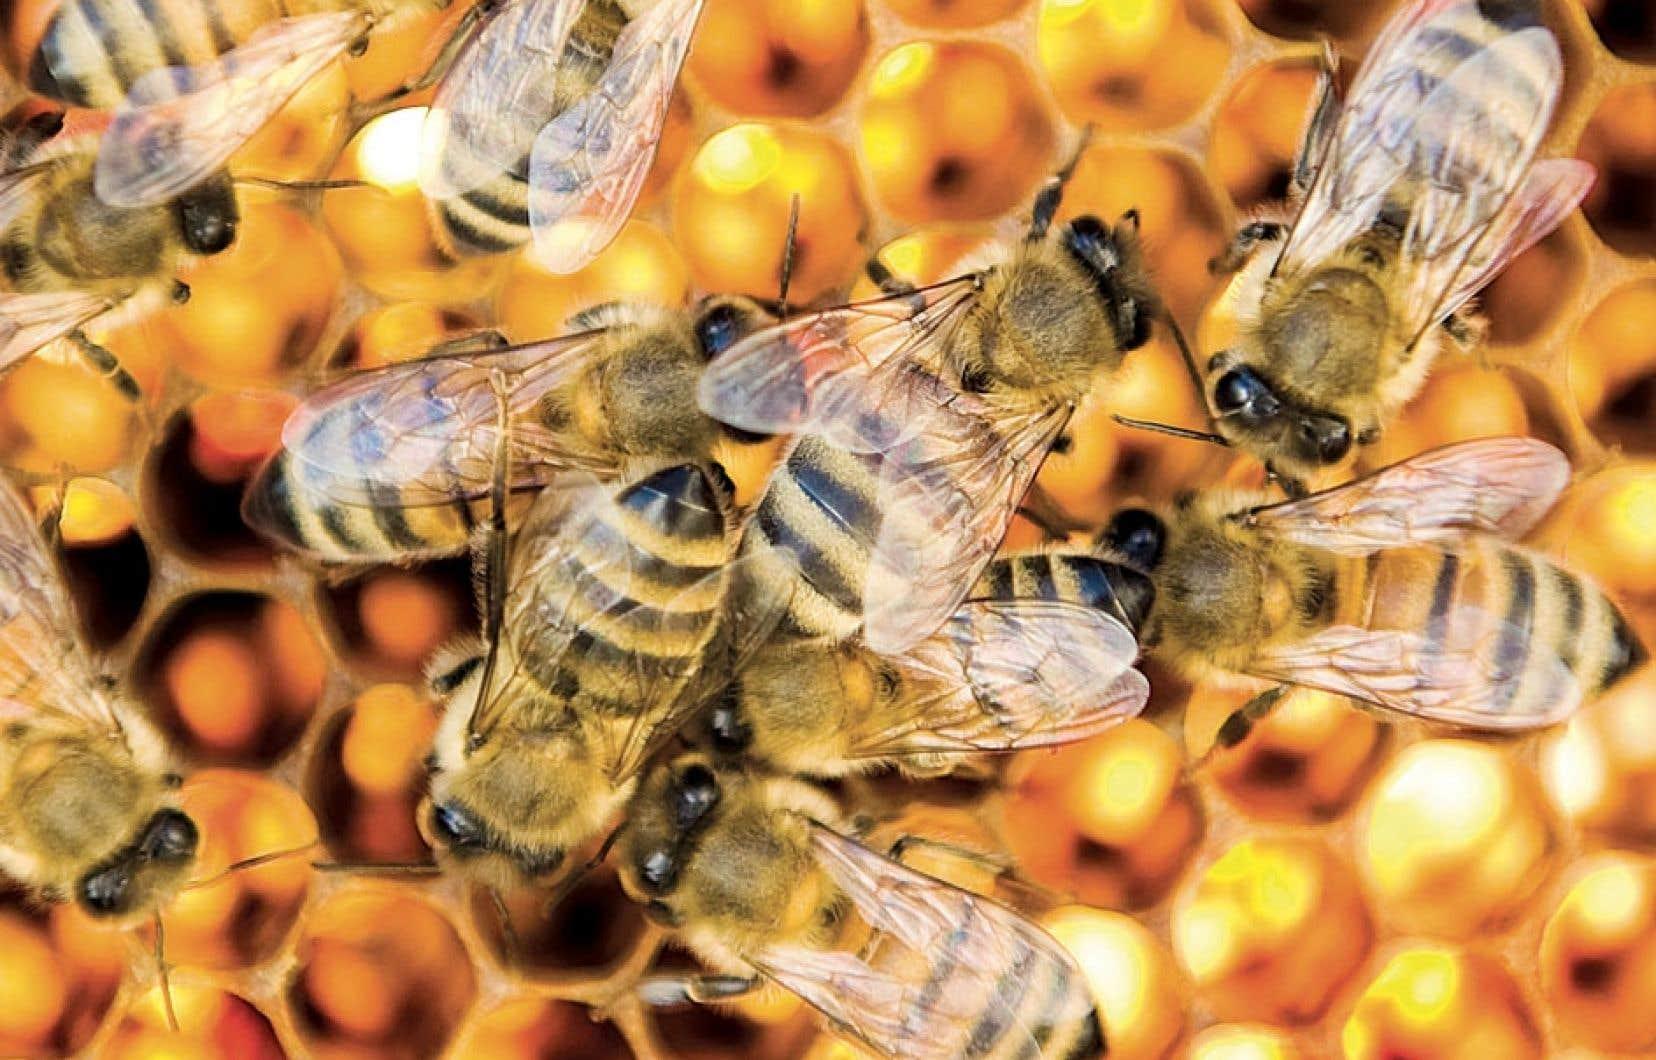 Les pesticides ont non seulement des effets néfastes sur les populations d'abeilles, mais aussi sur les papillons, les vers de terre, les oiseaux et les poissons.